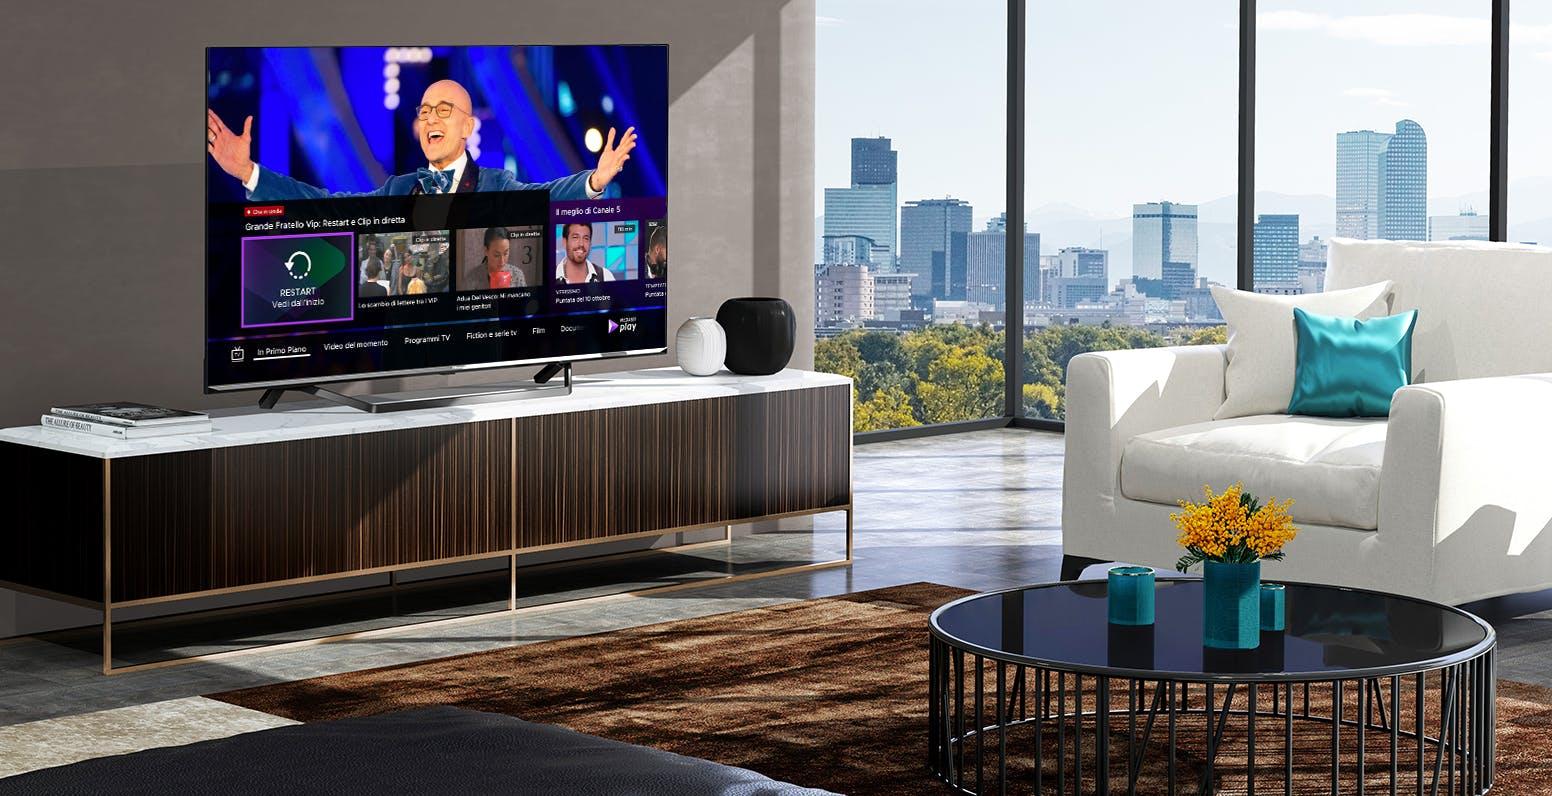 L'app di Mediaset Play arriverà sugli smart TV Hisense